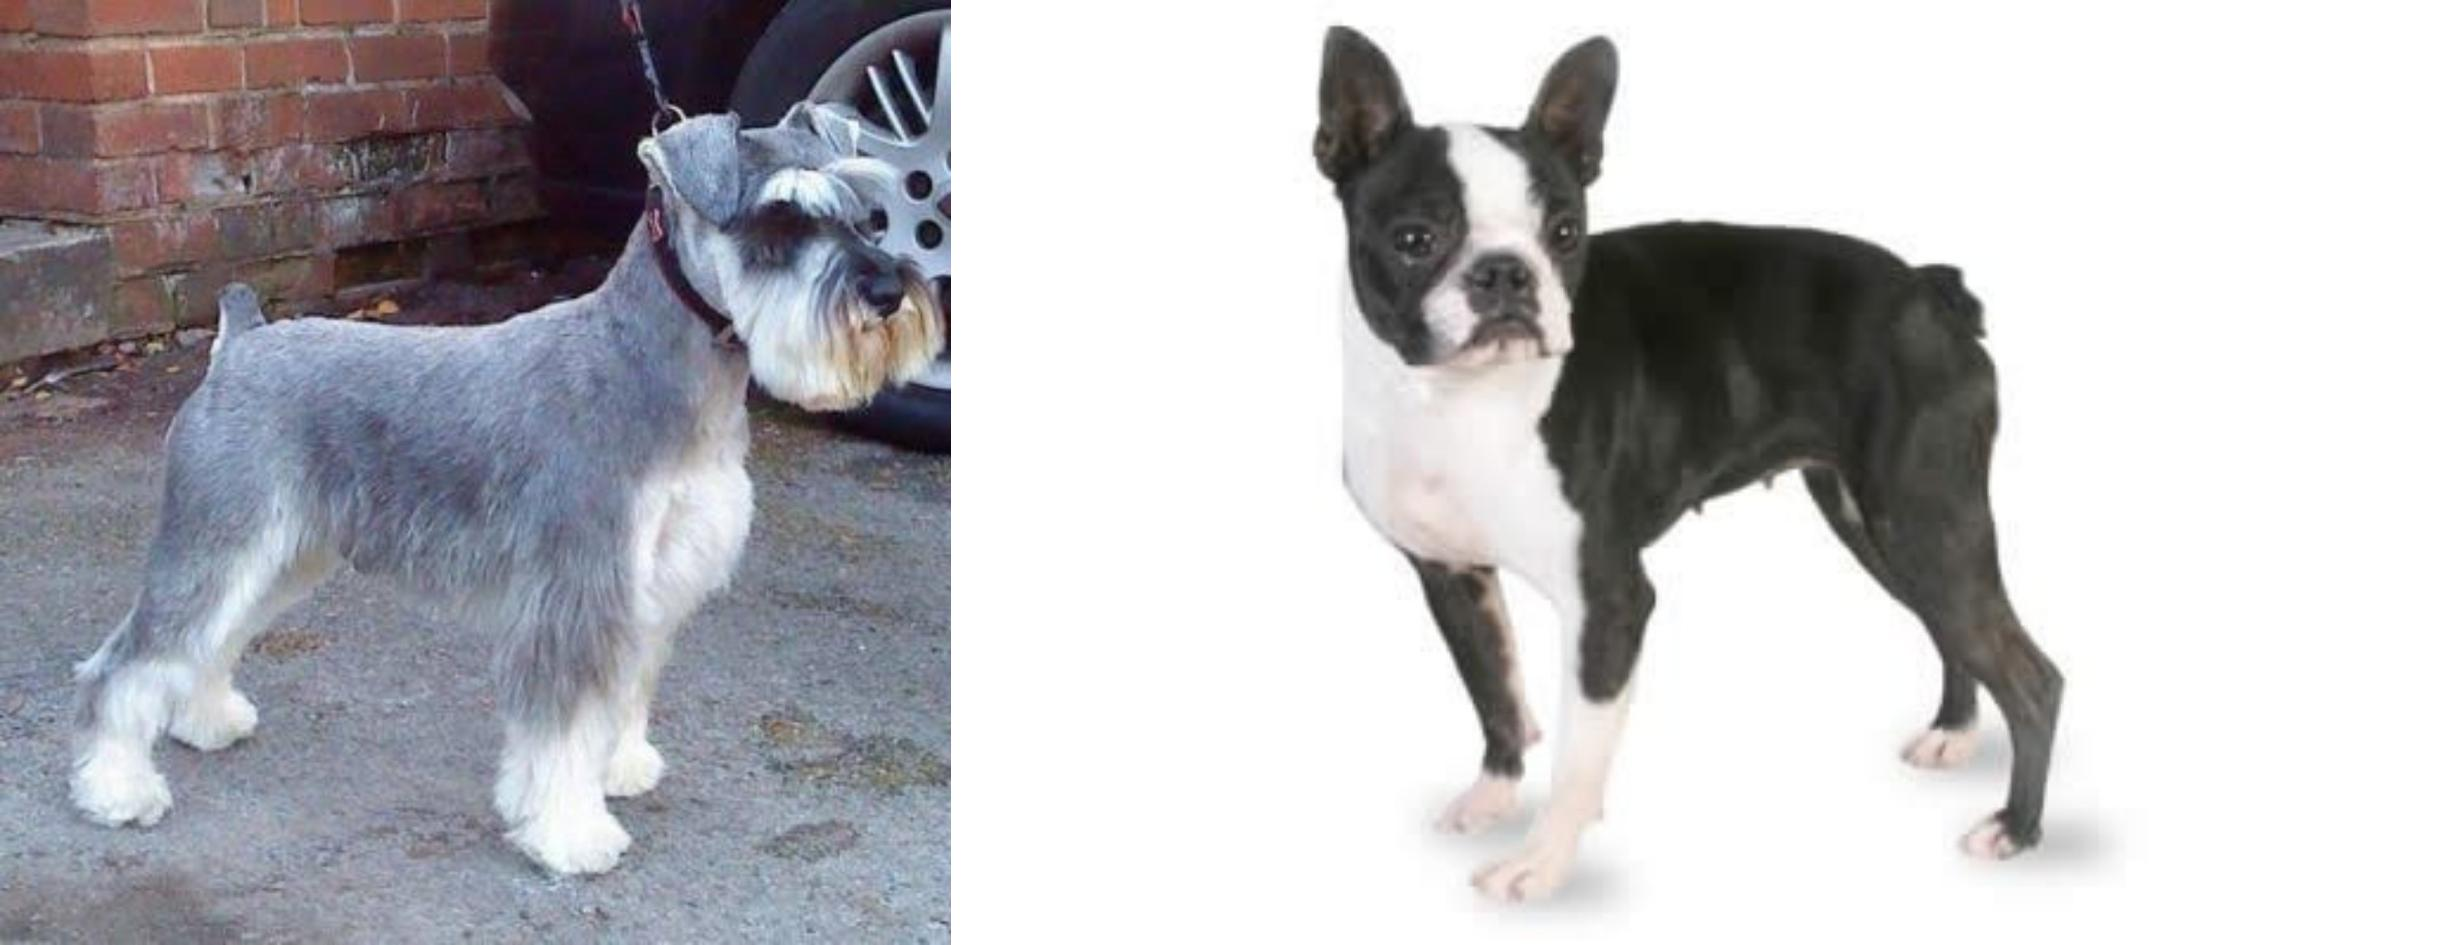 Miniature Schnauzer vs Boston Terrier - Breed Comparison